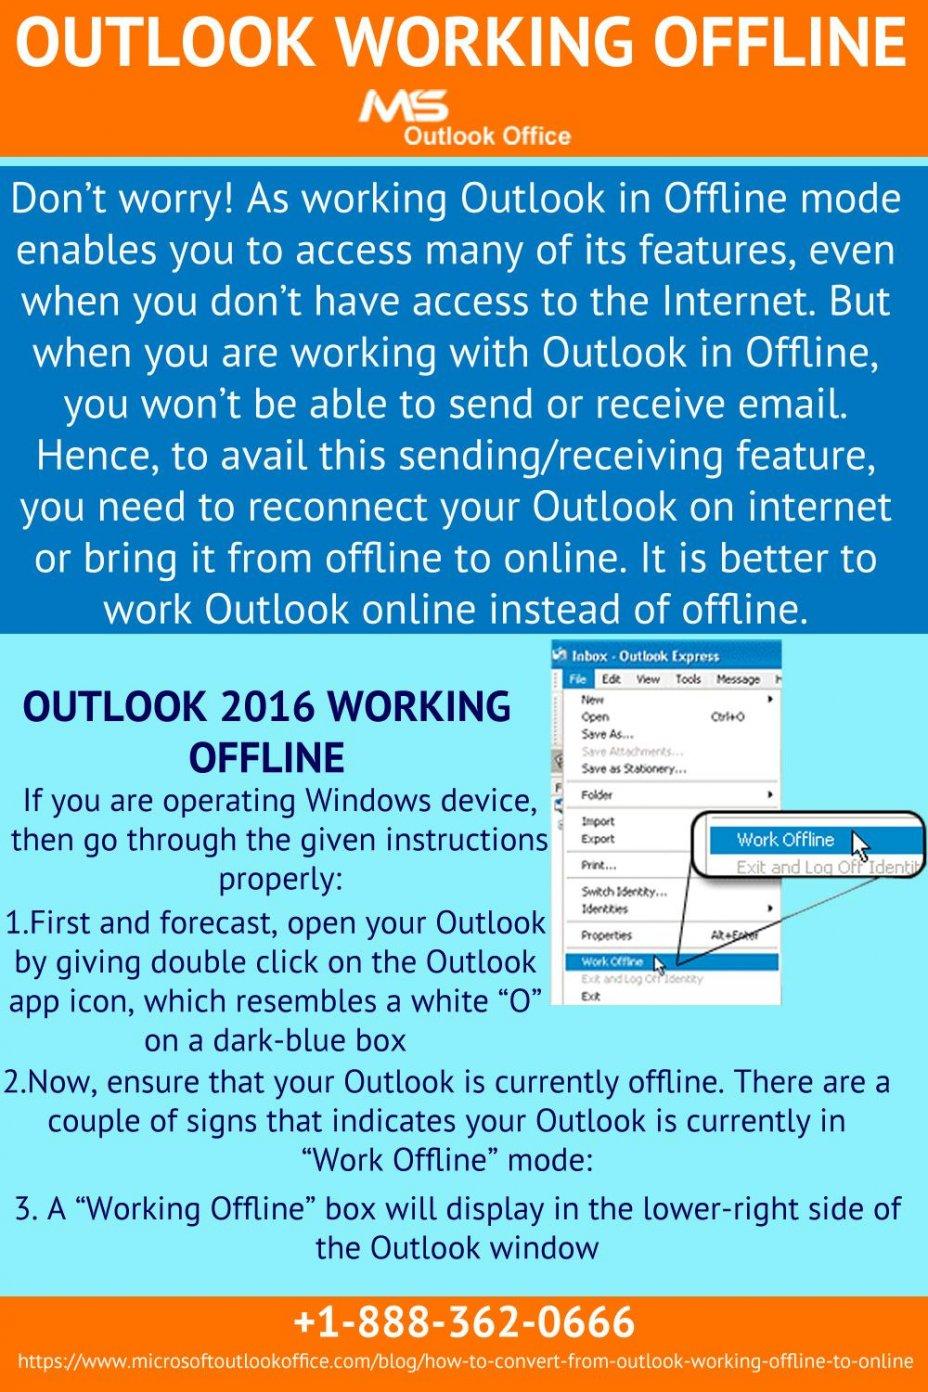 How to Resolve Outlook Working Offline Error?